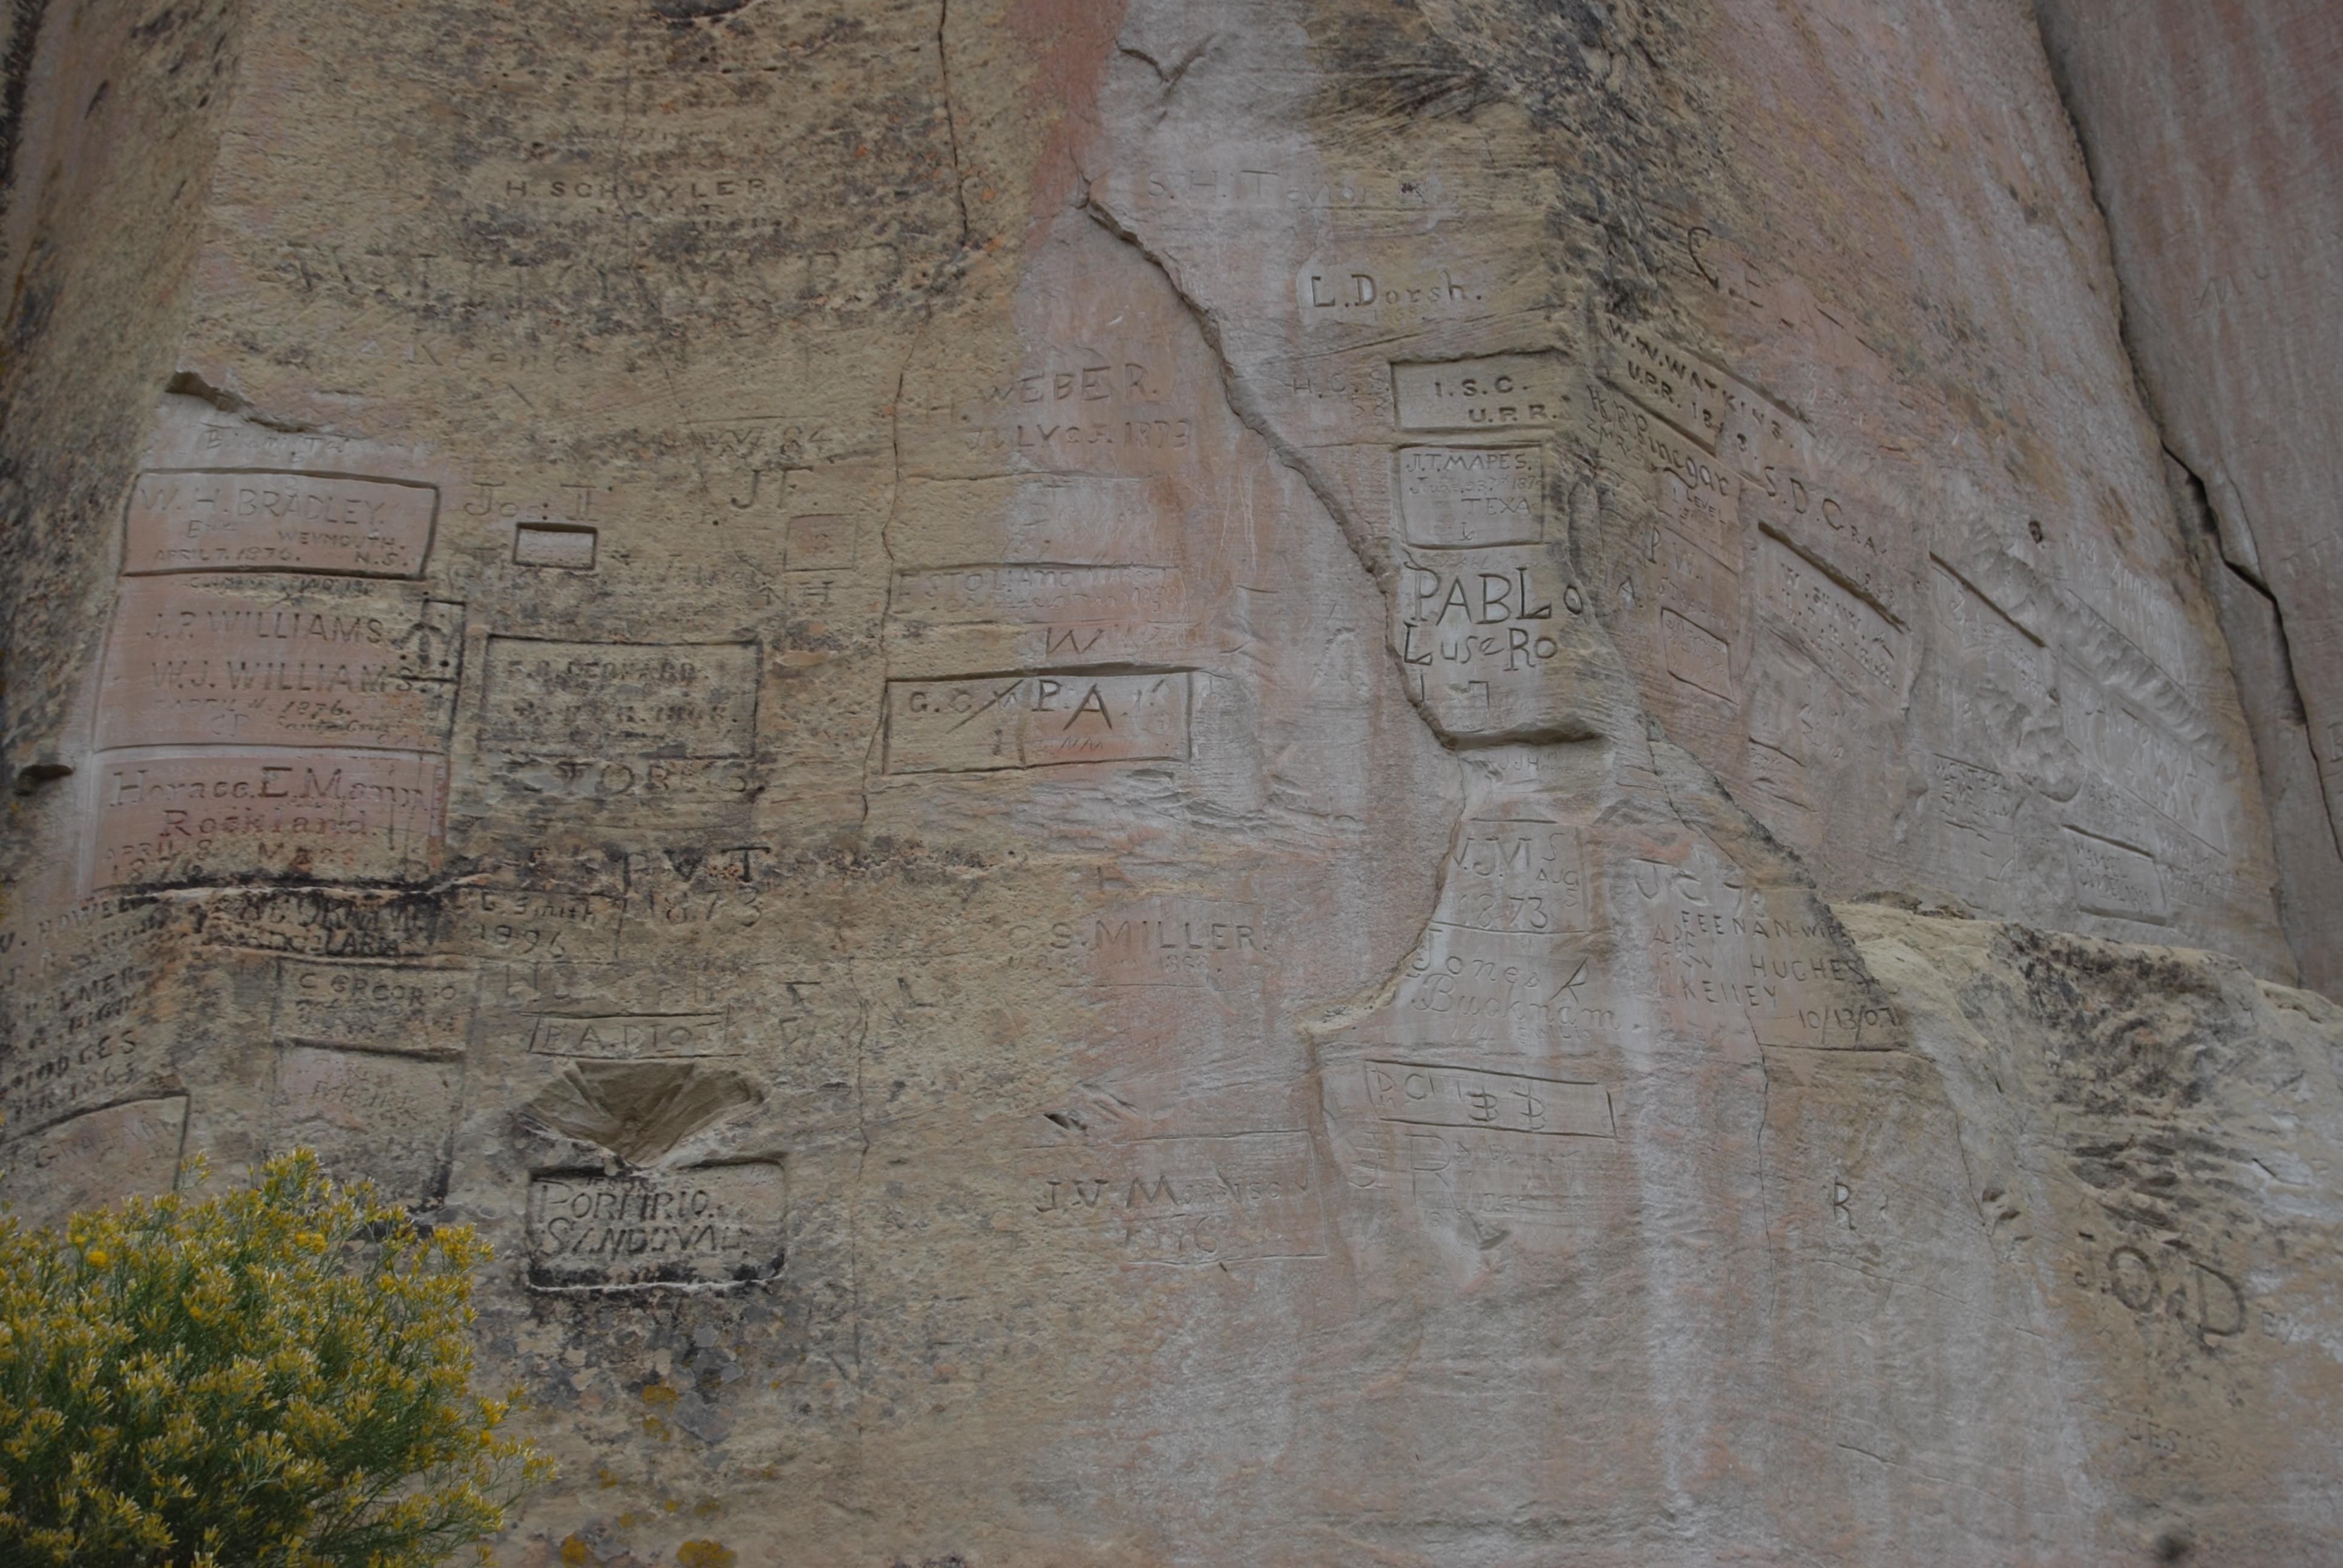 El Morro National Monument inscriptions